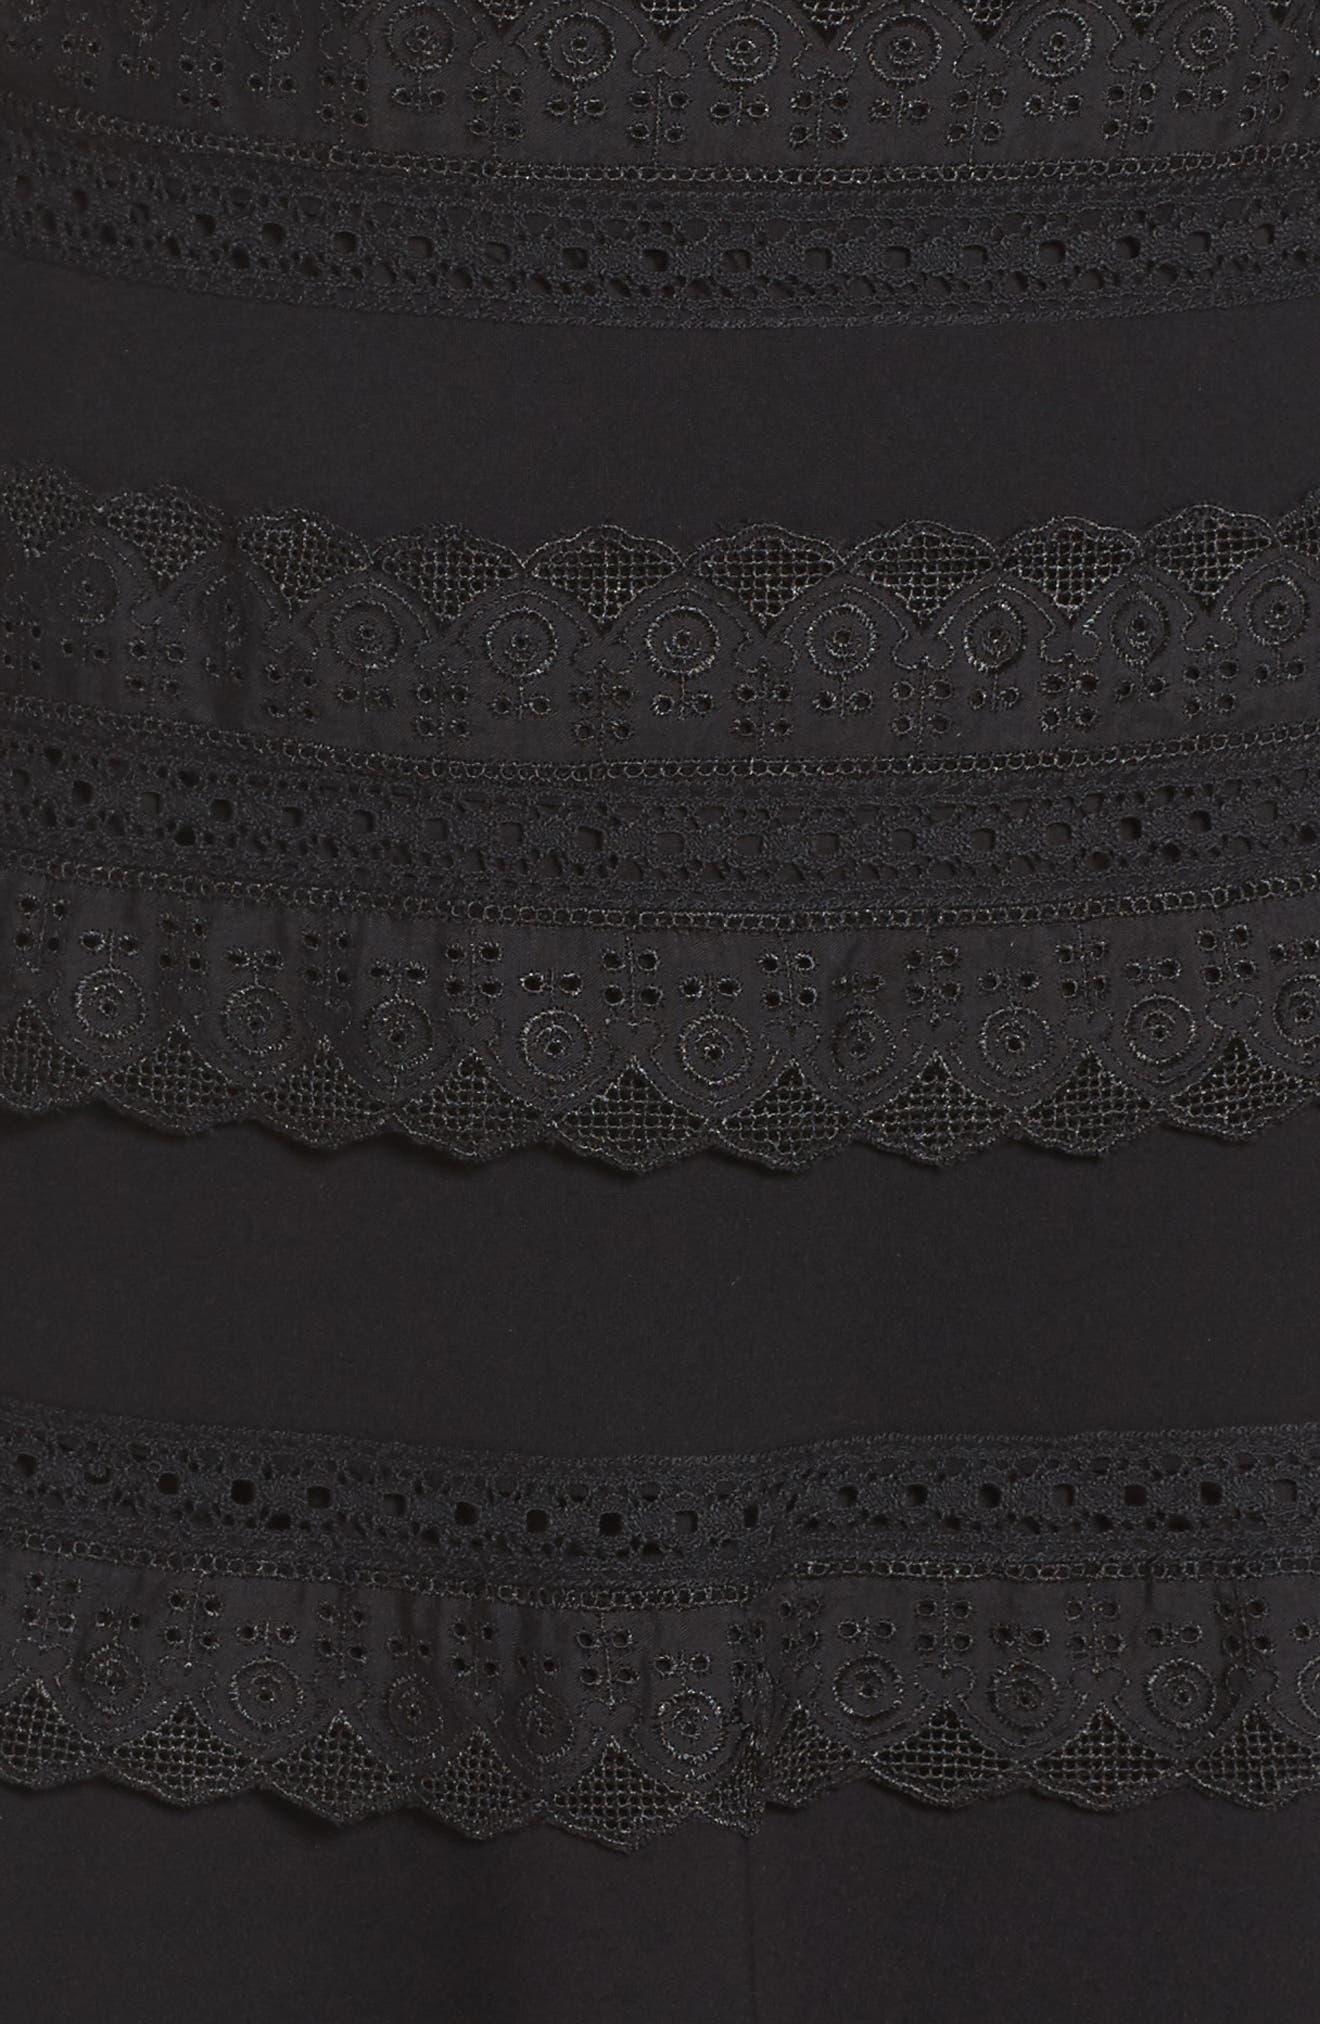 Preslie Double Knit A-Line Dress,                             Alternate thumbnail 5, color,